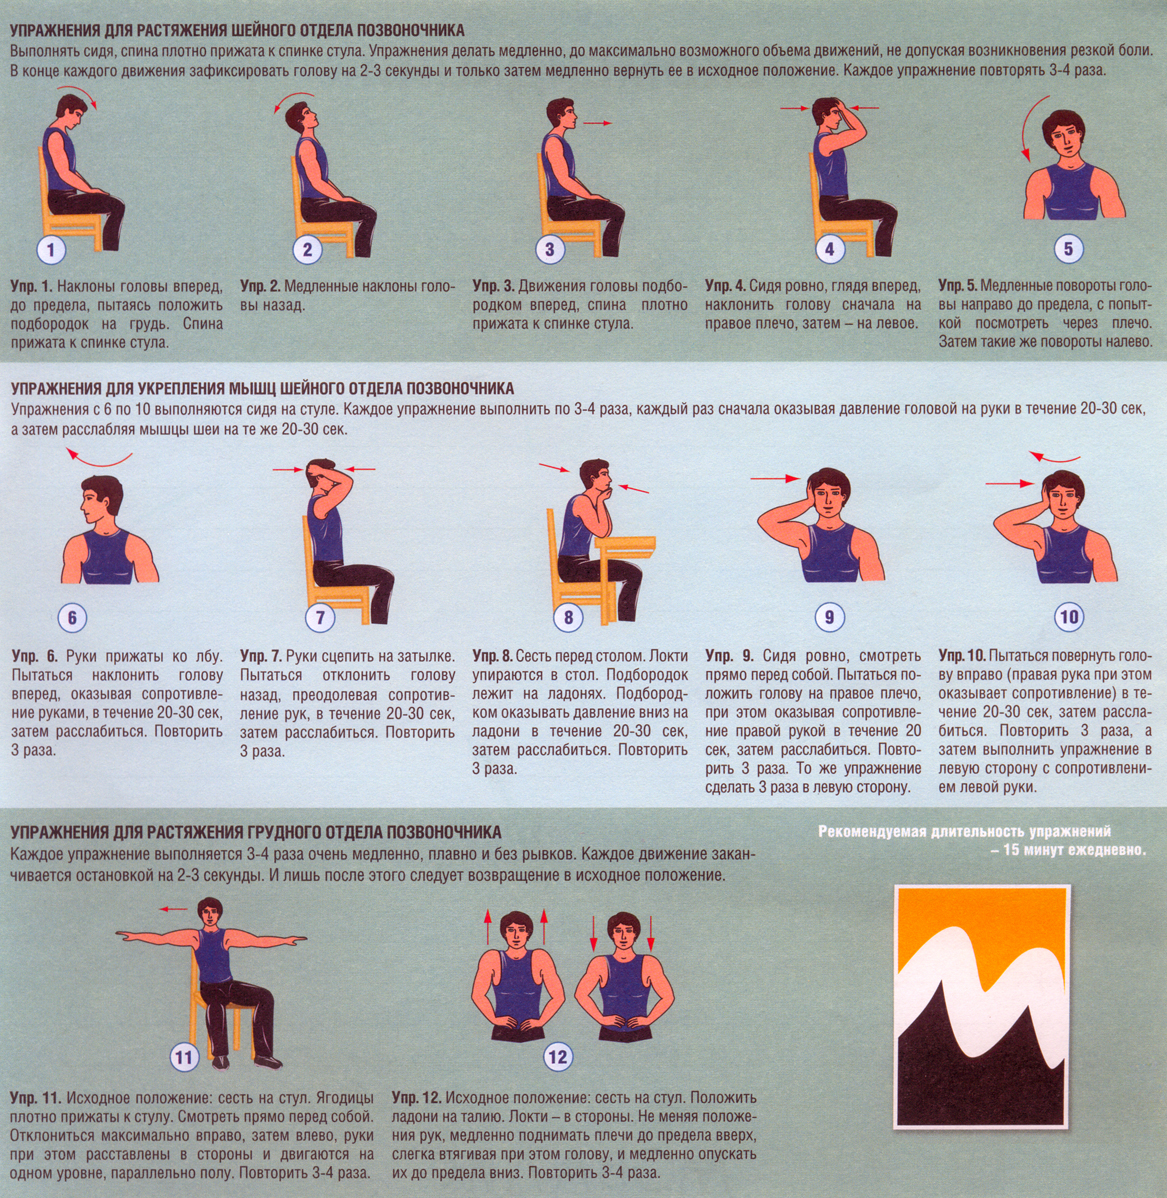 Лечение остеохондроза в домашних условиях: подборка 54